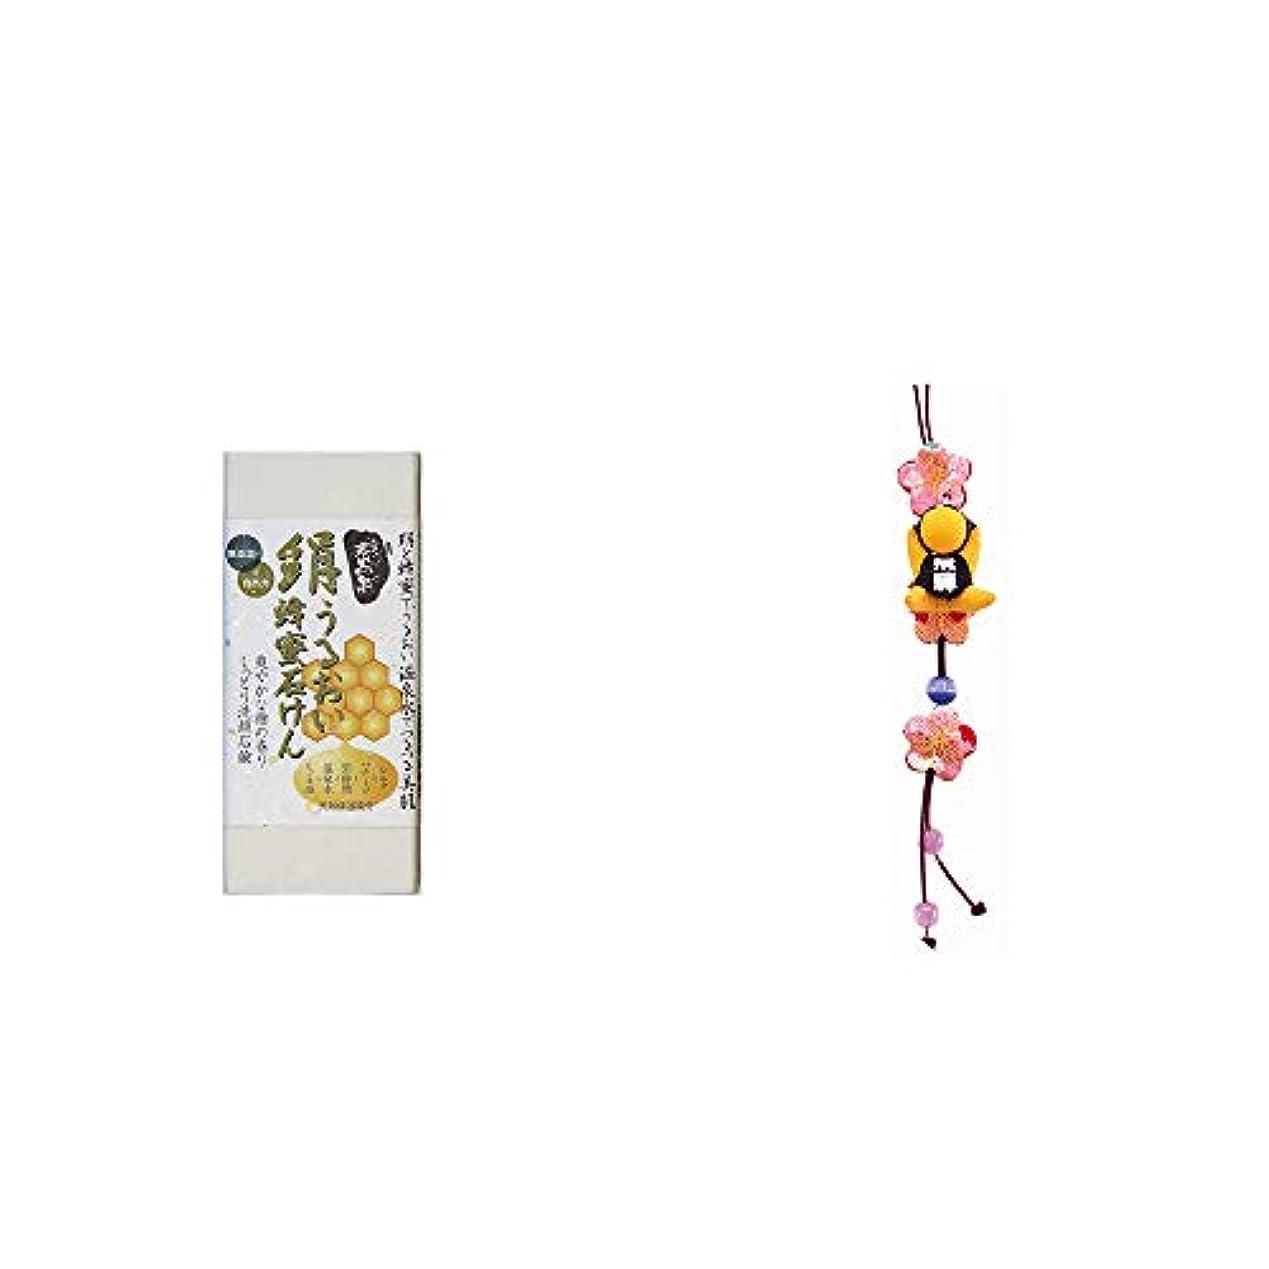 気配りのある誰かなぜ[2点セット] ひのき炭黒泉 絹うるおい蜂蜜石けん(75g×2)?豆さるぼぼ 和風ストラップ【黄】/ 縁結び?魔除け //